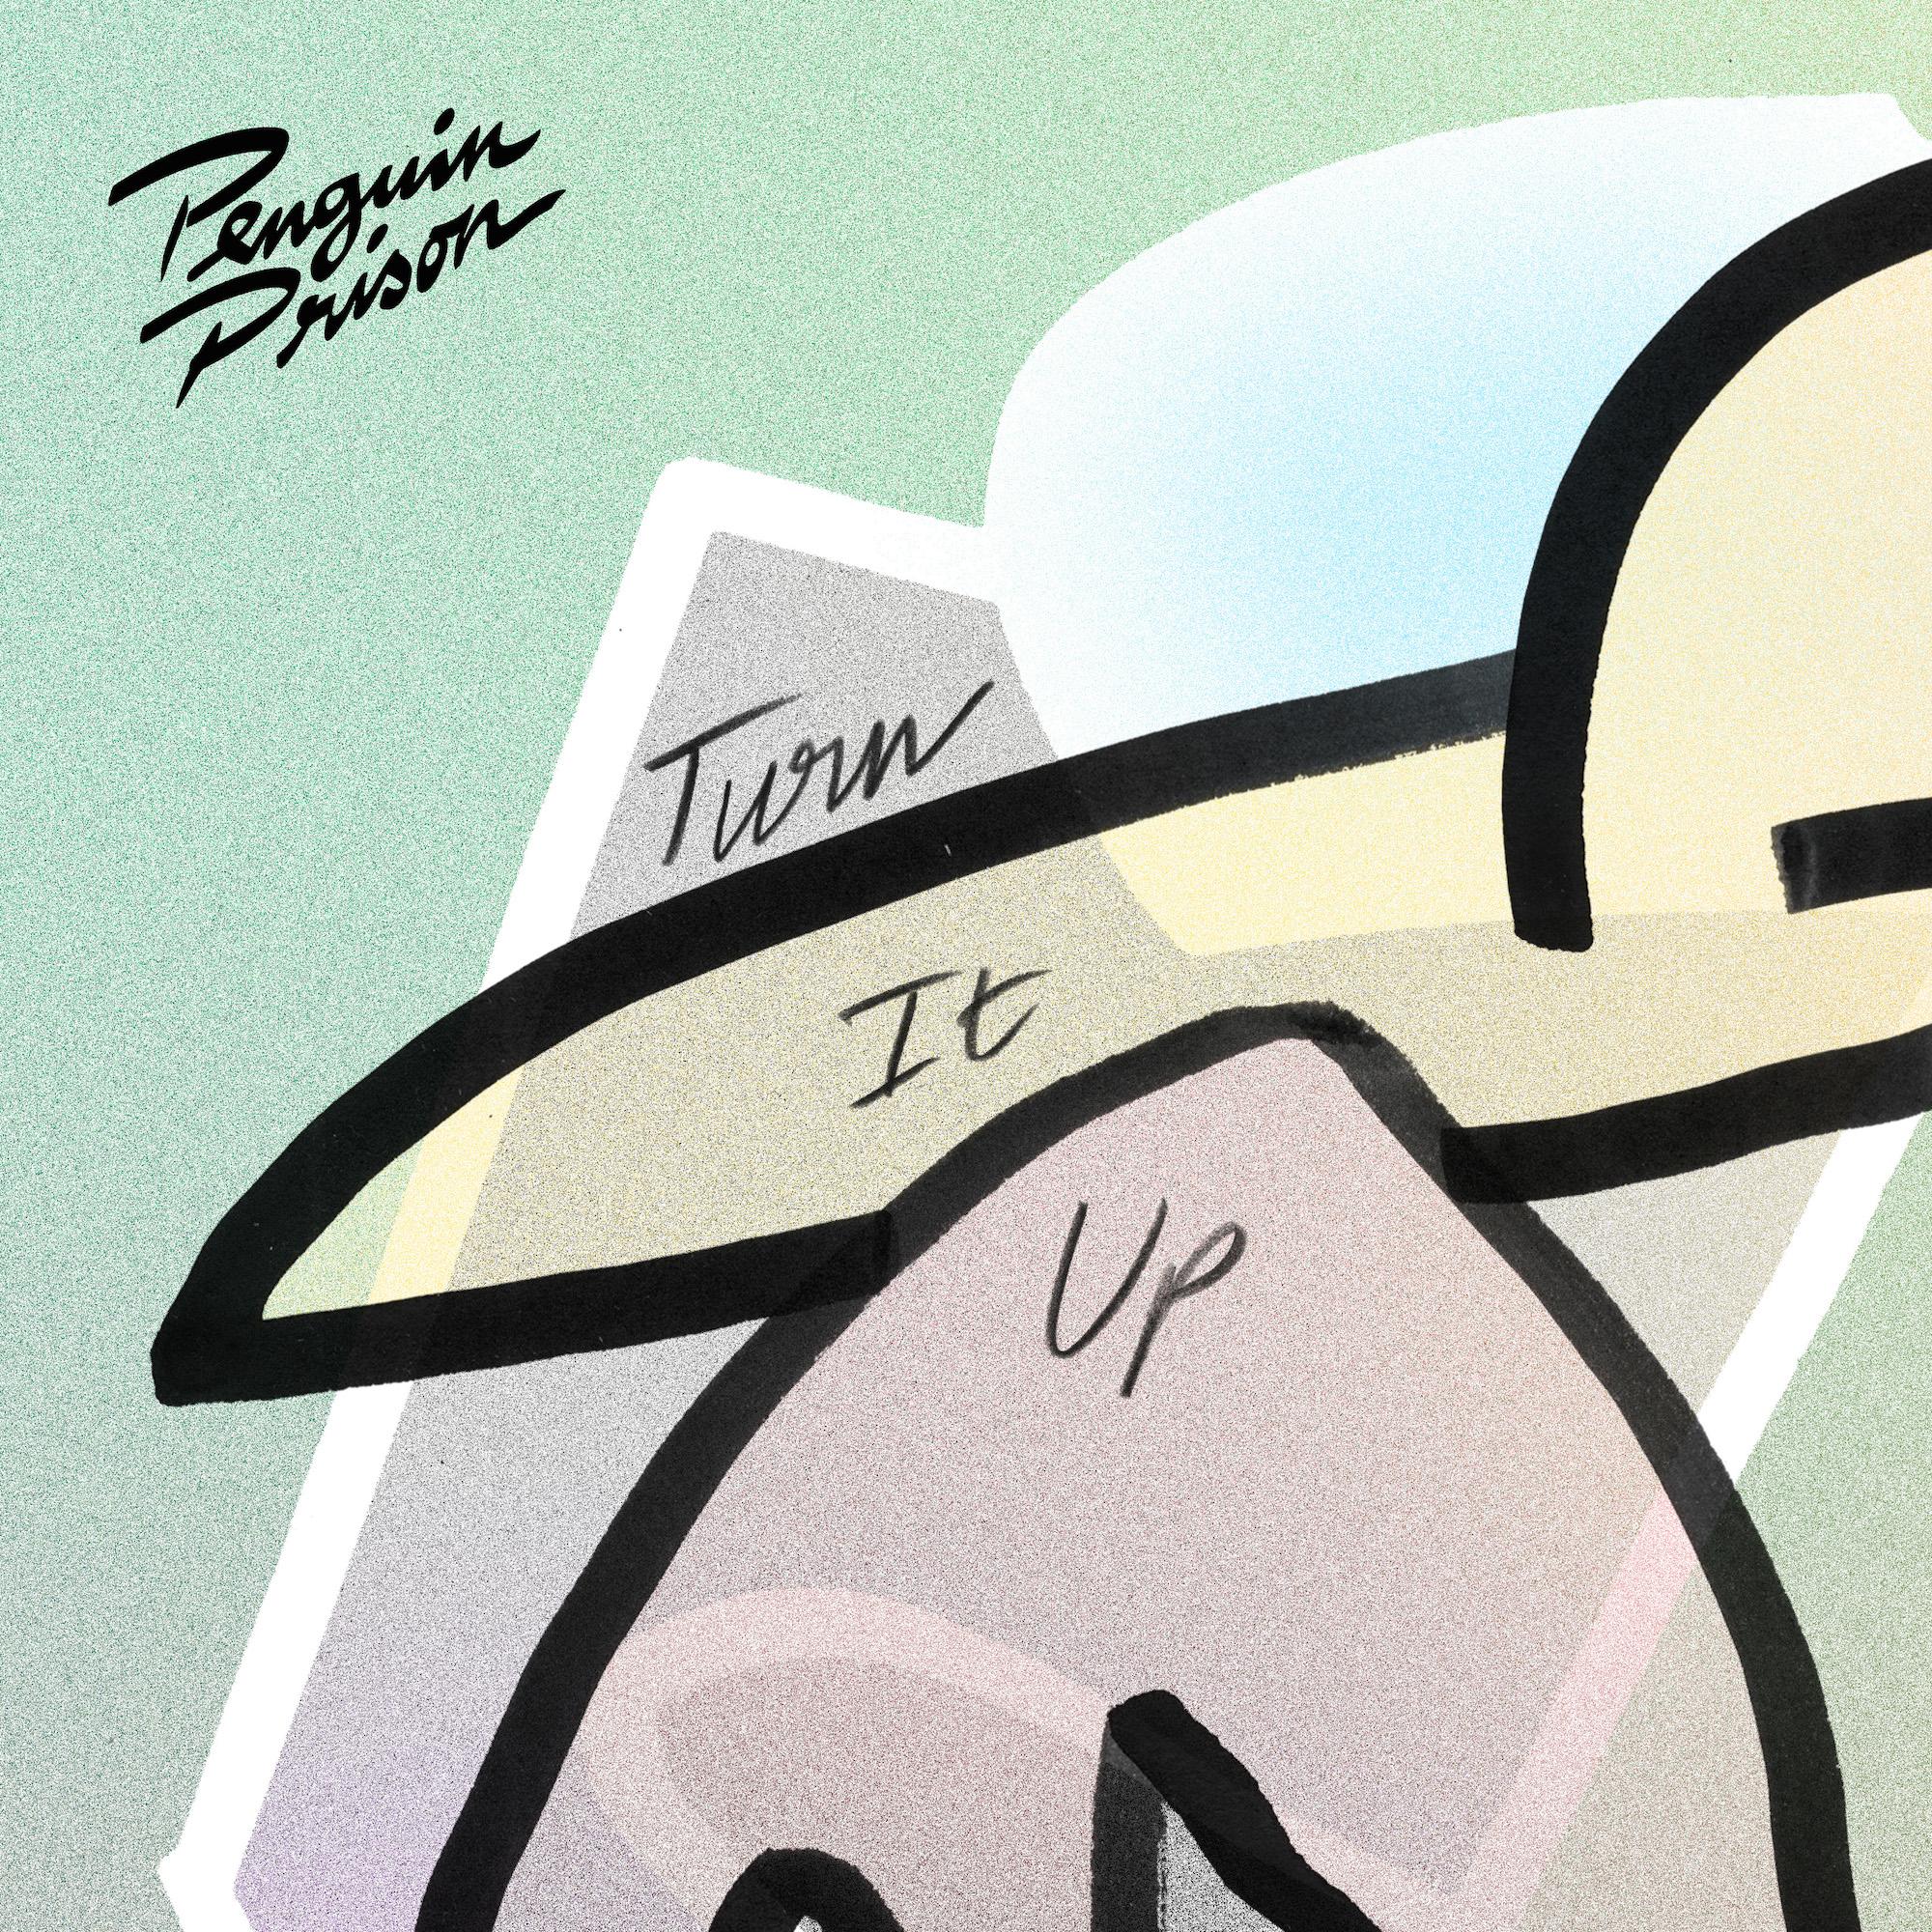 pp_turnitup_artwork.jpg